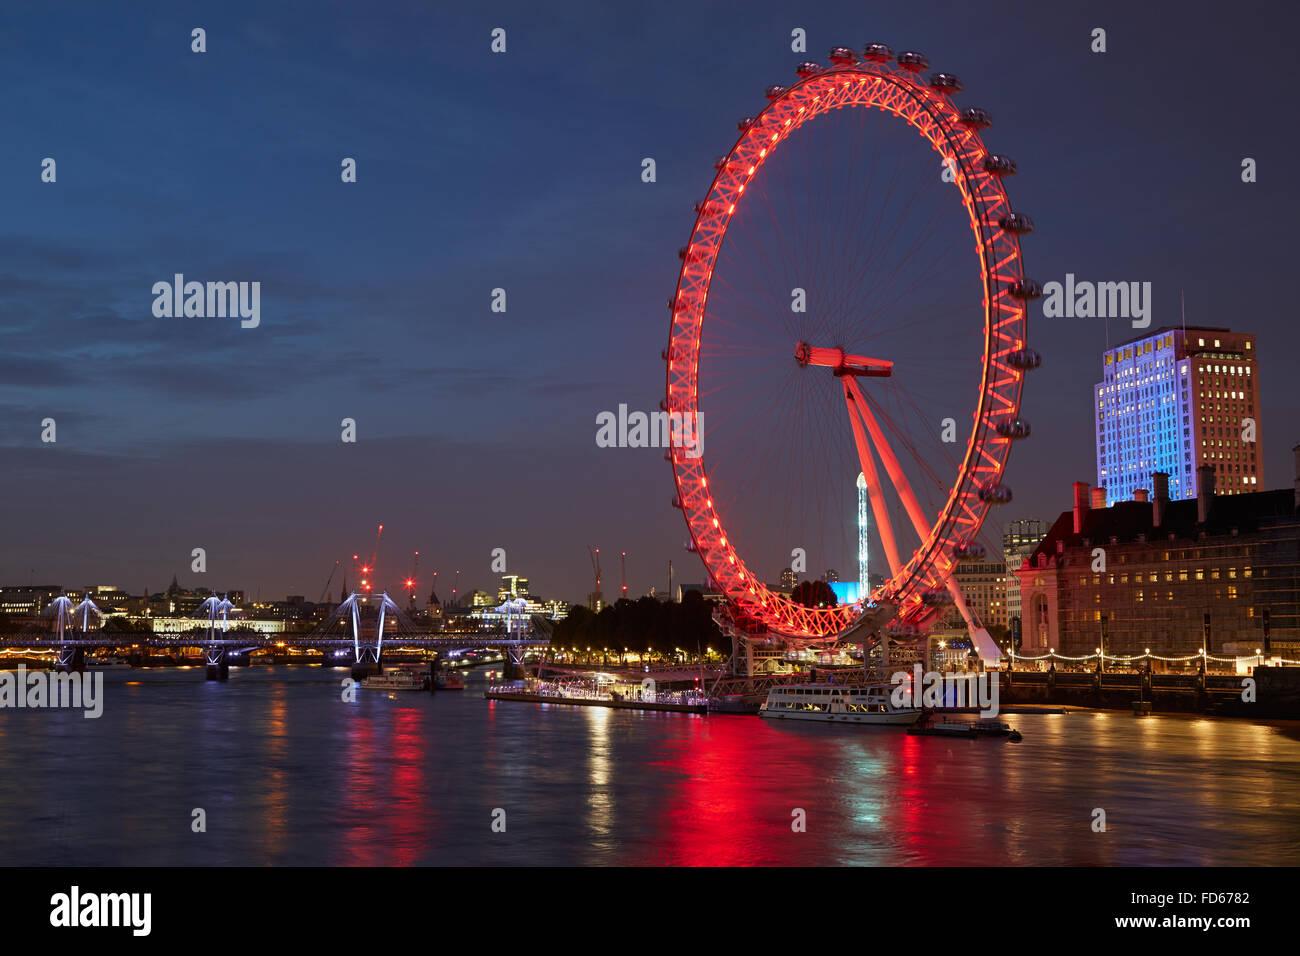 El London Eye, la noria, iluminado en rojo y Thames River view en la noche Foto de stock